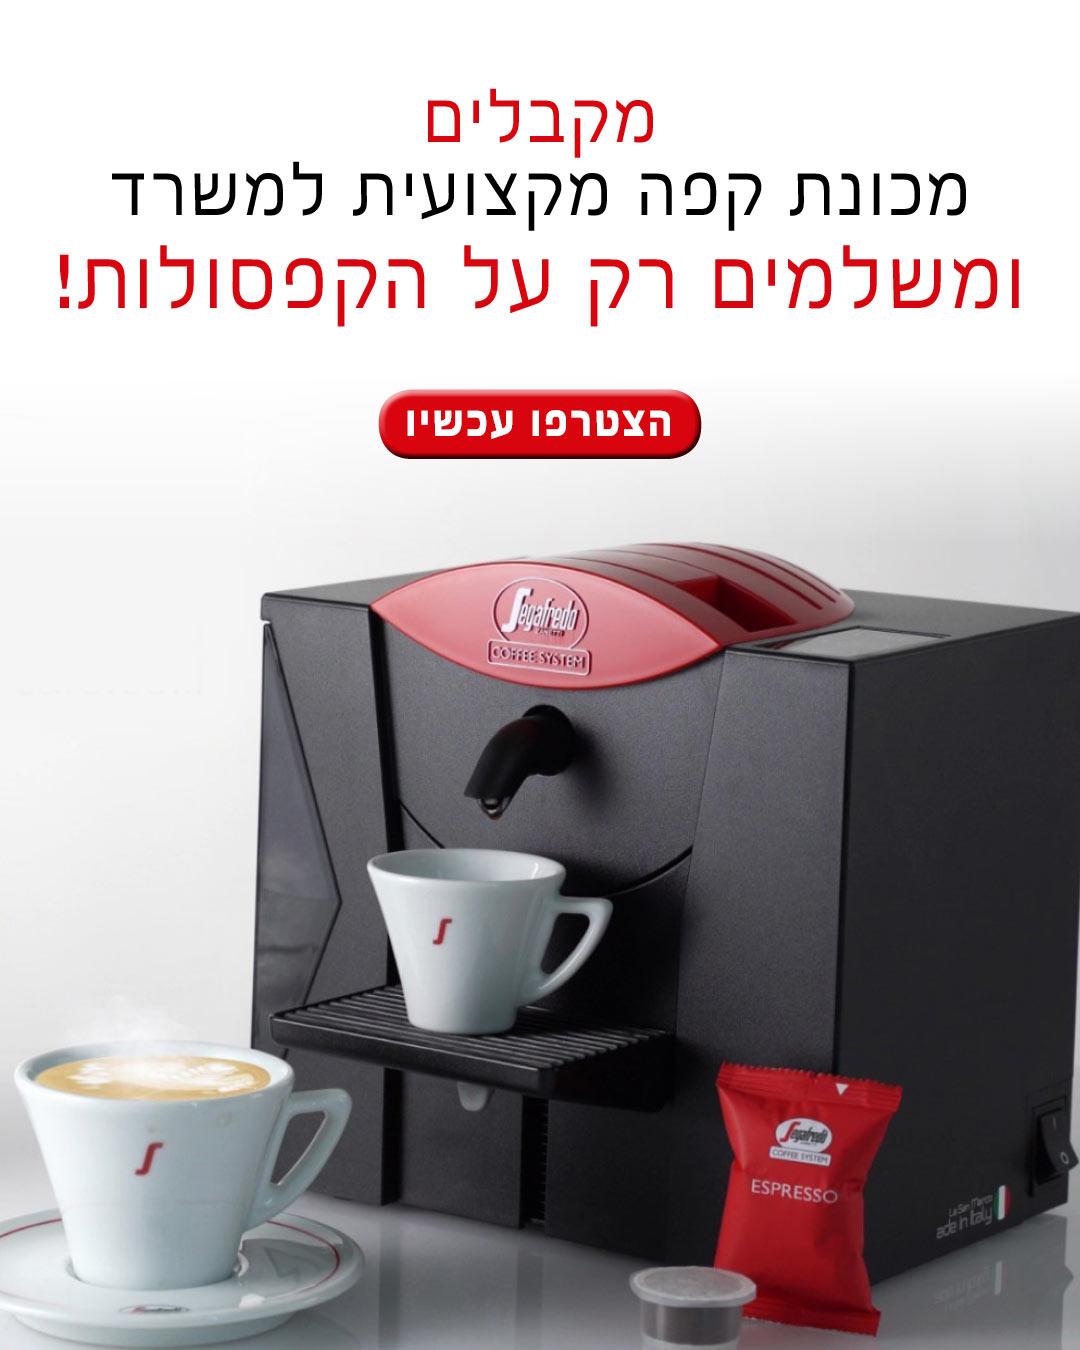 מקבלים מכונת קפה מקצועית ומשלמים רק על הקפסולות